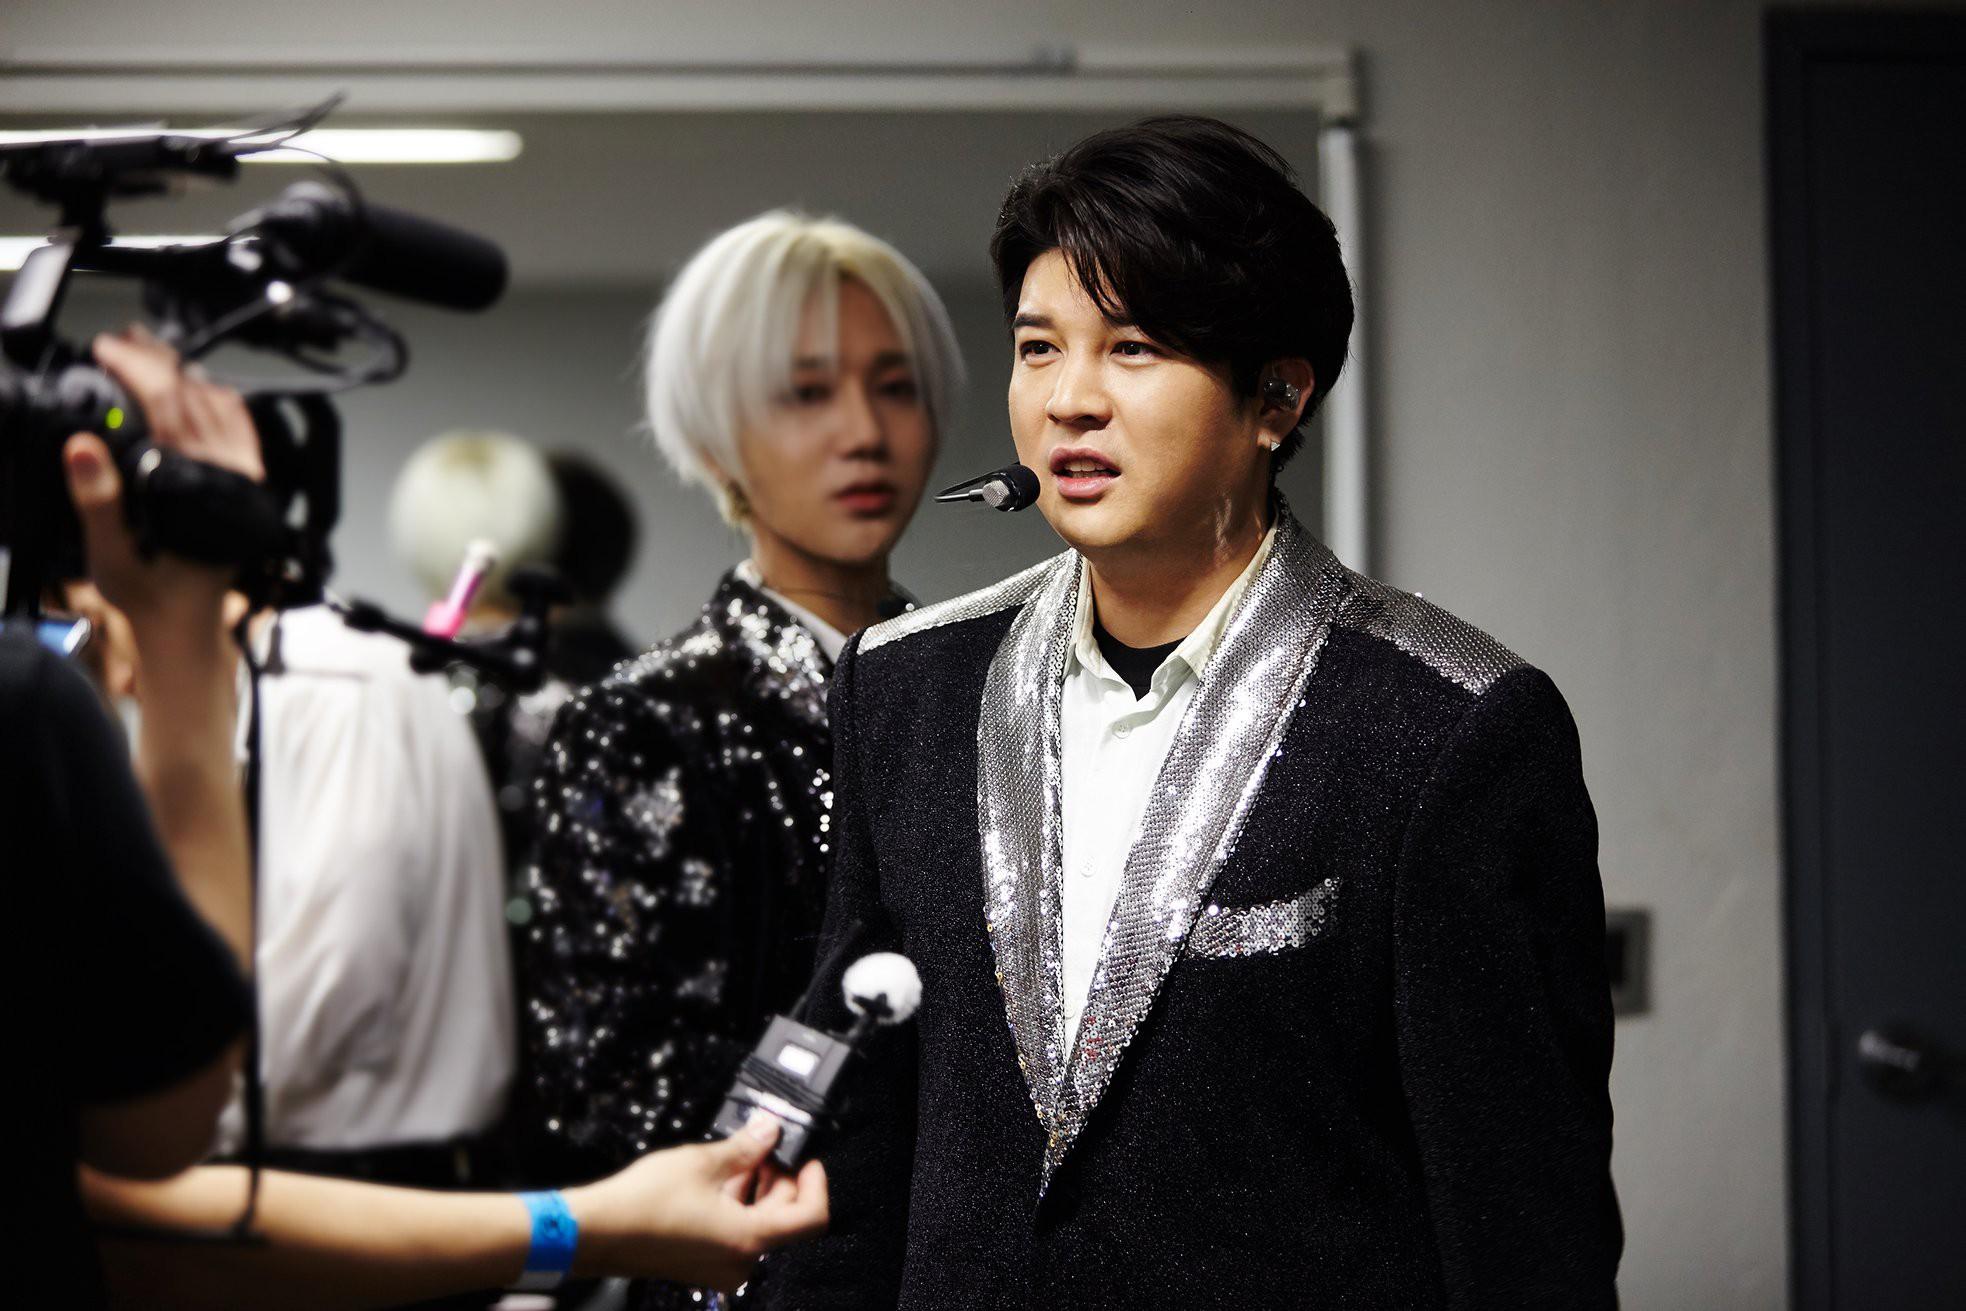 Super Junior cho fan ná thở với loạt ảnh lung linh từ tour thế giới - Ảnh 10.